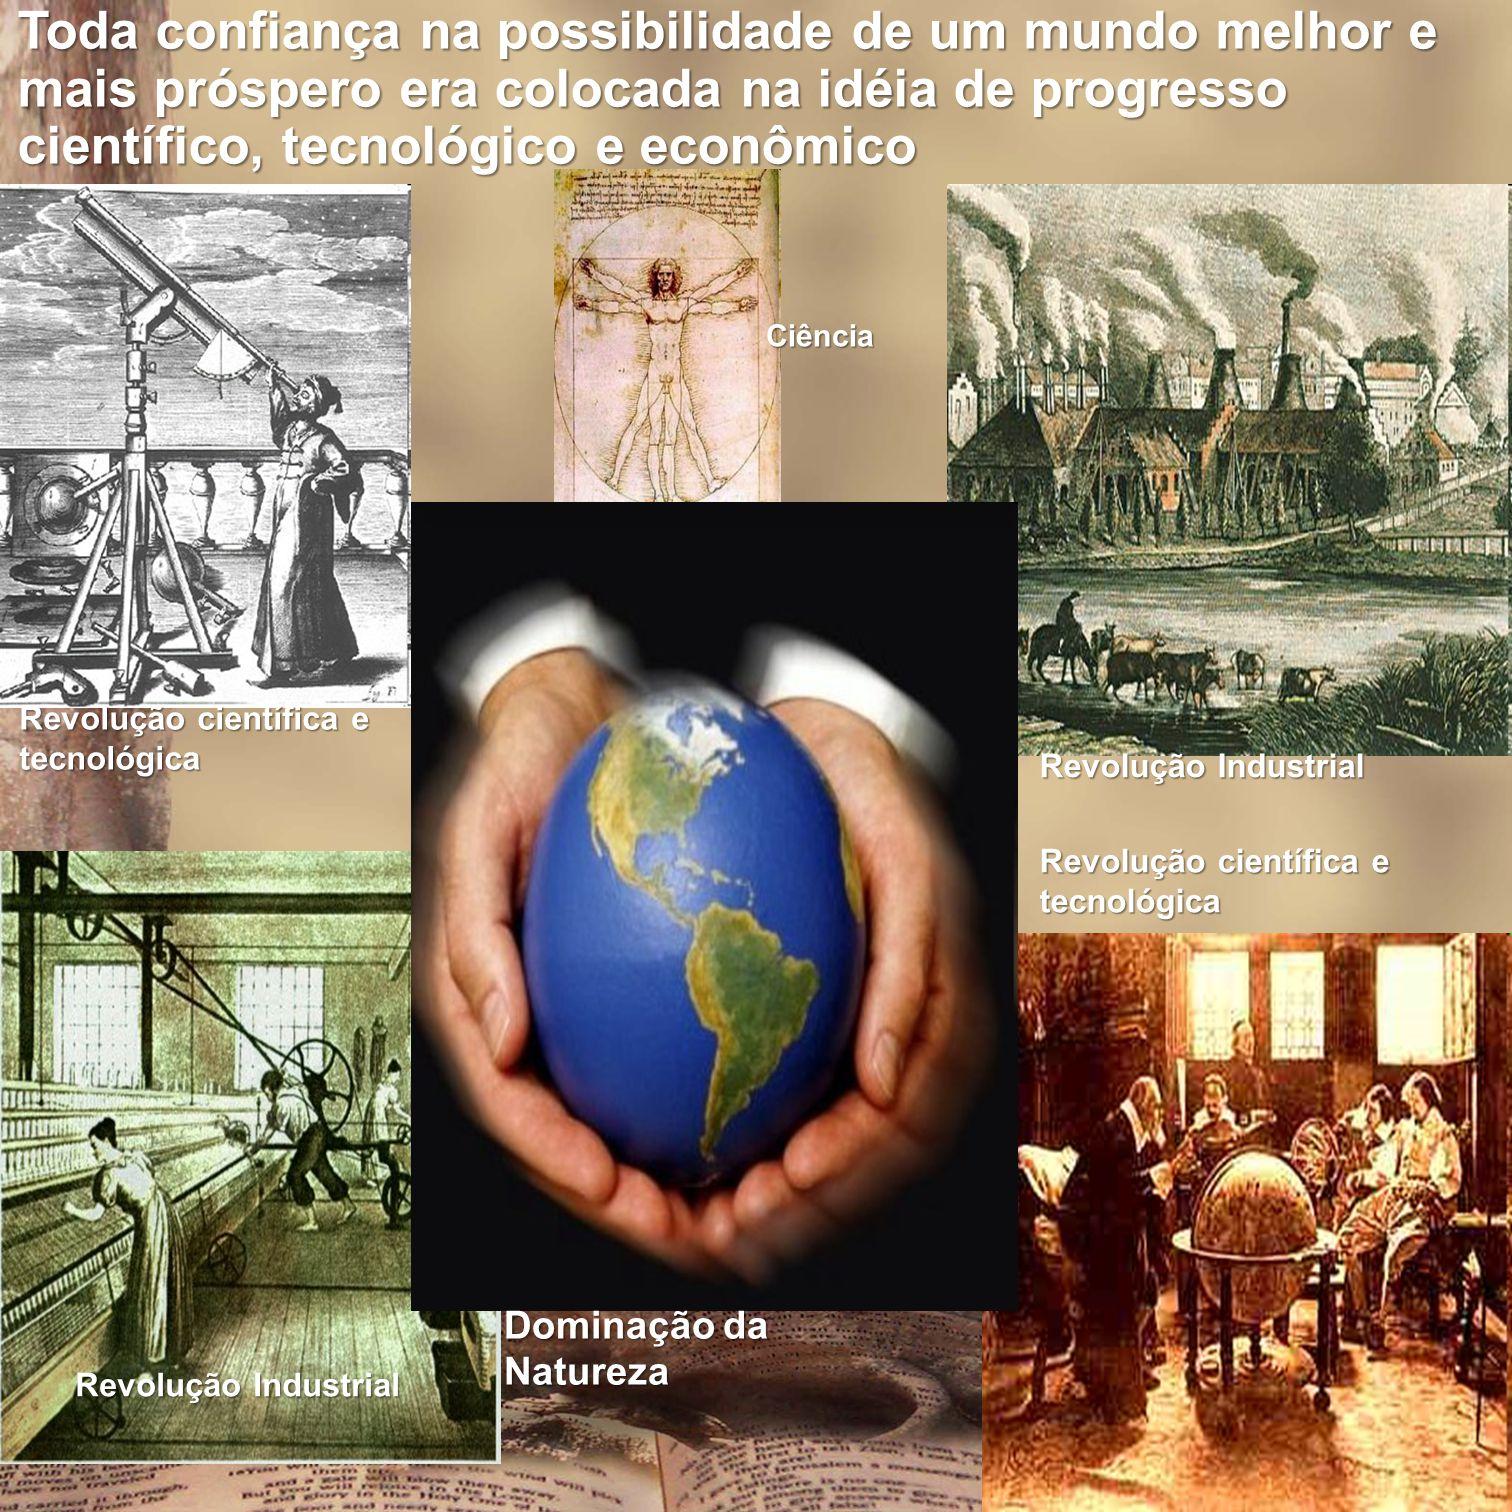 Toda confiança na possibilidade de um mundo melhor e mais próspero era colocada na idéia de progresso científico, tecnológico e econômico